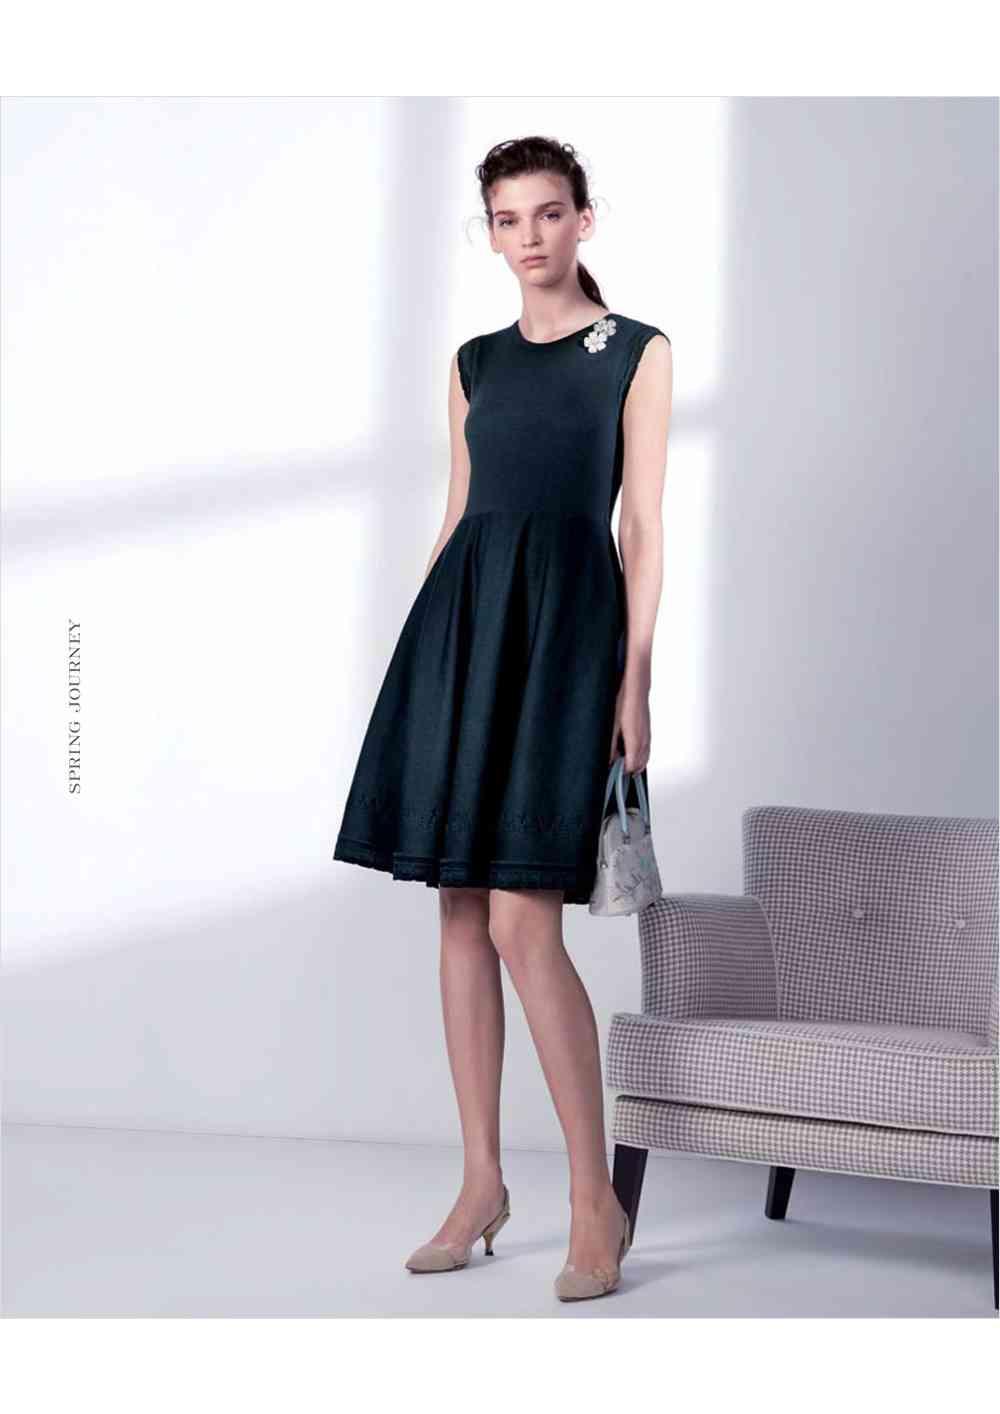 普段着として使えそうなドレスの画像を貼るトピ